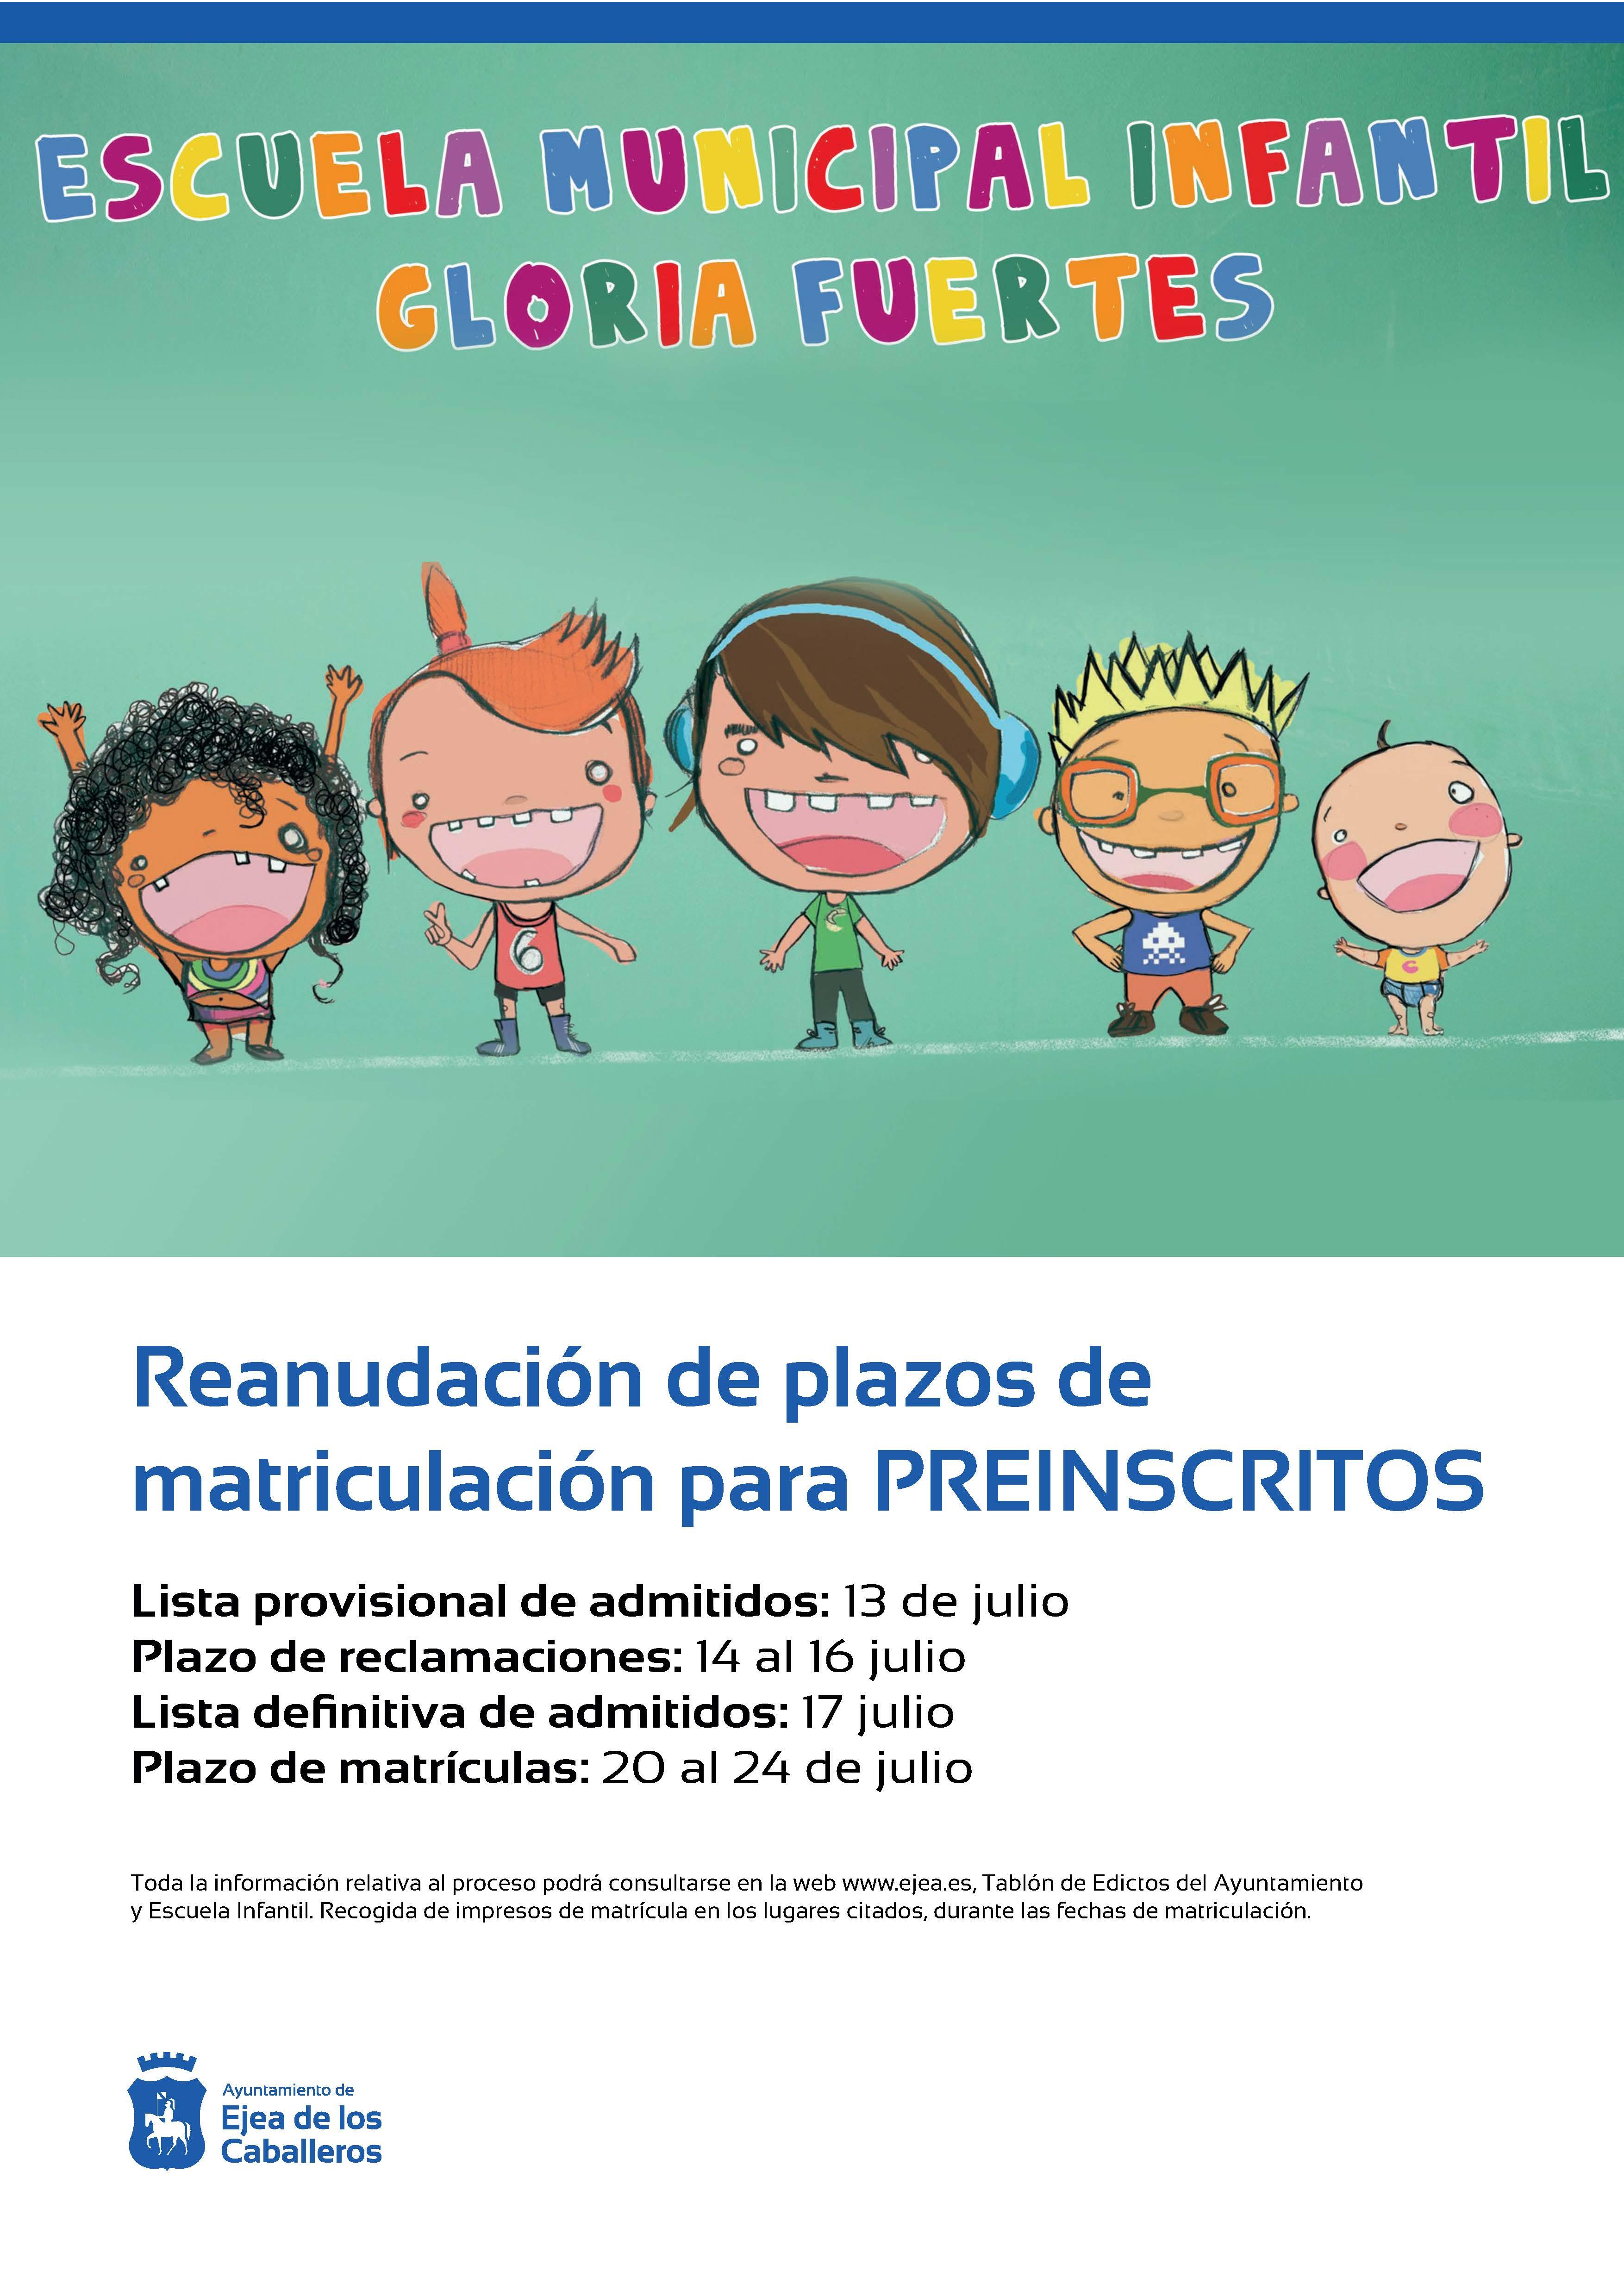 Reanudación de plazos de matriculación de la Escuela Municipal Infantil